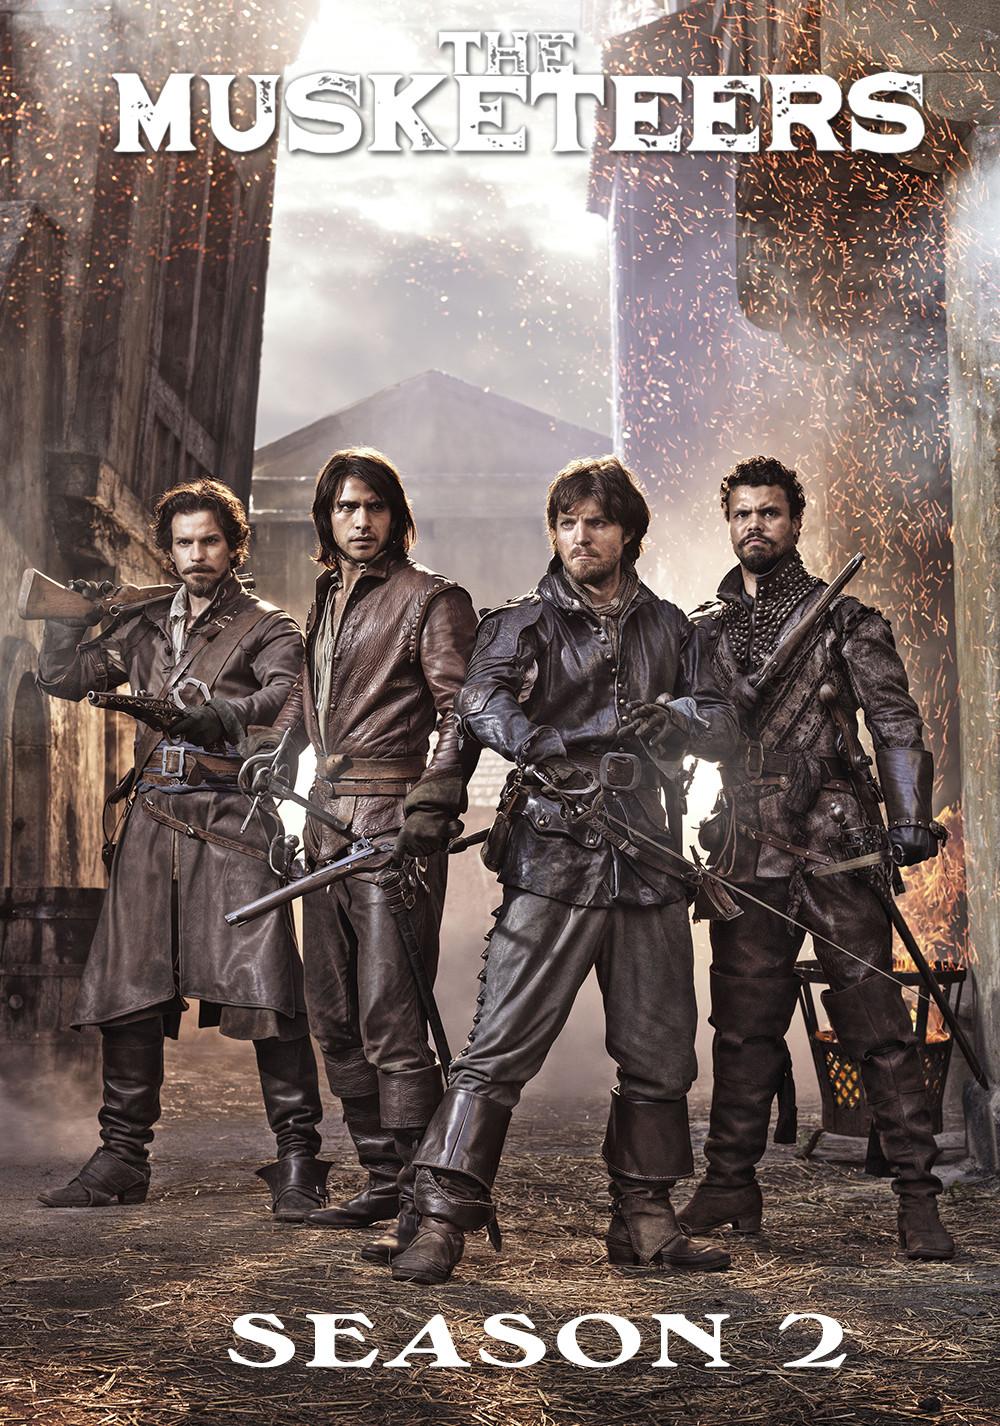 The-Musketeers-Season-2